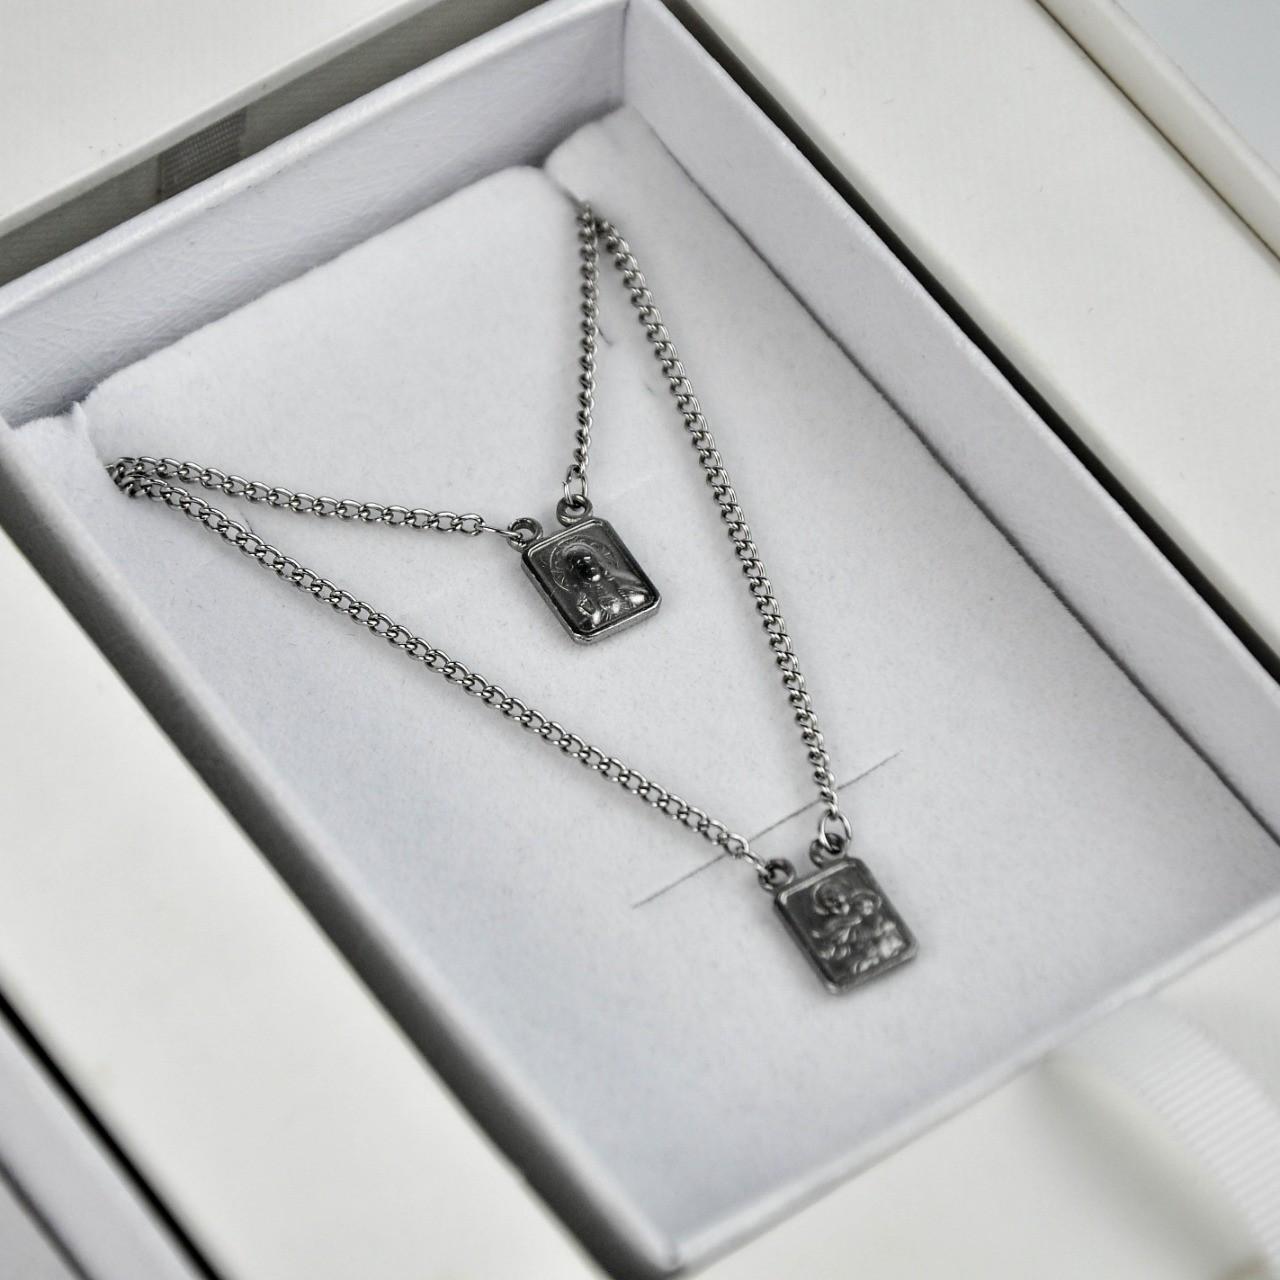 Kit Completo para Padrinhos, contendo, Box Personalizada, 1 escapulário Masculino de Aço e 1 Feminino de Prata 925